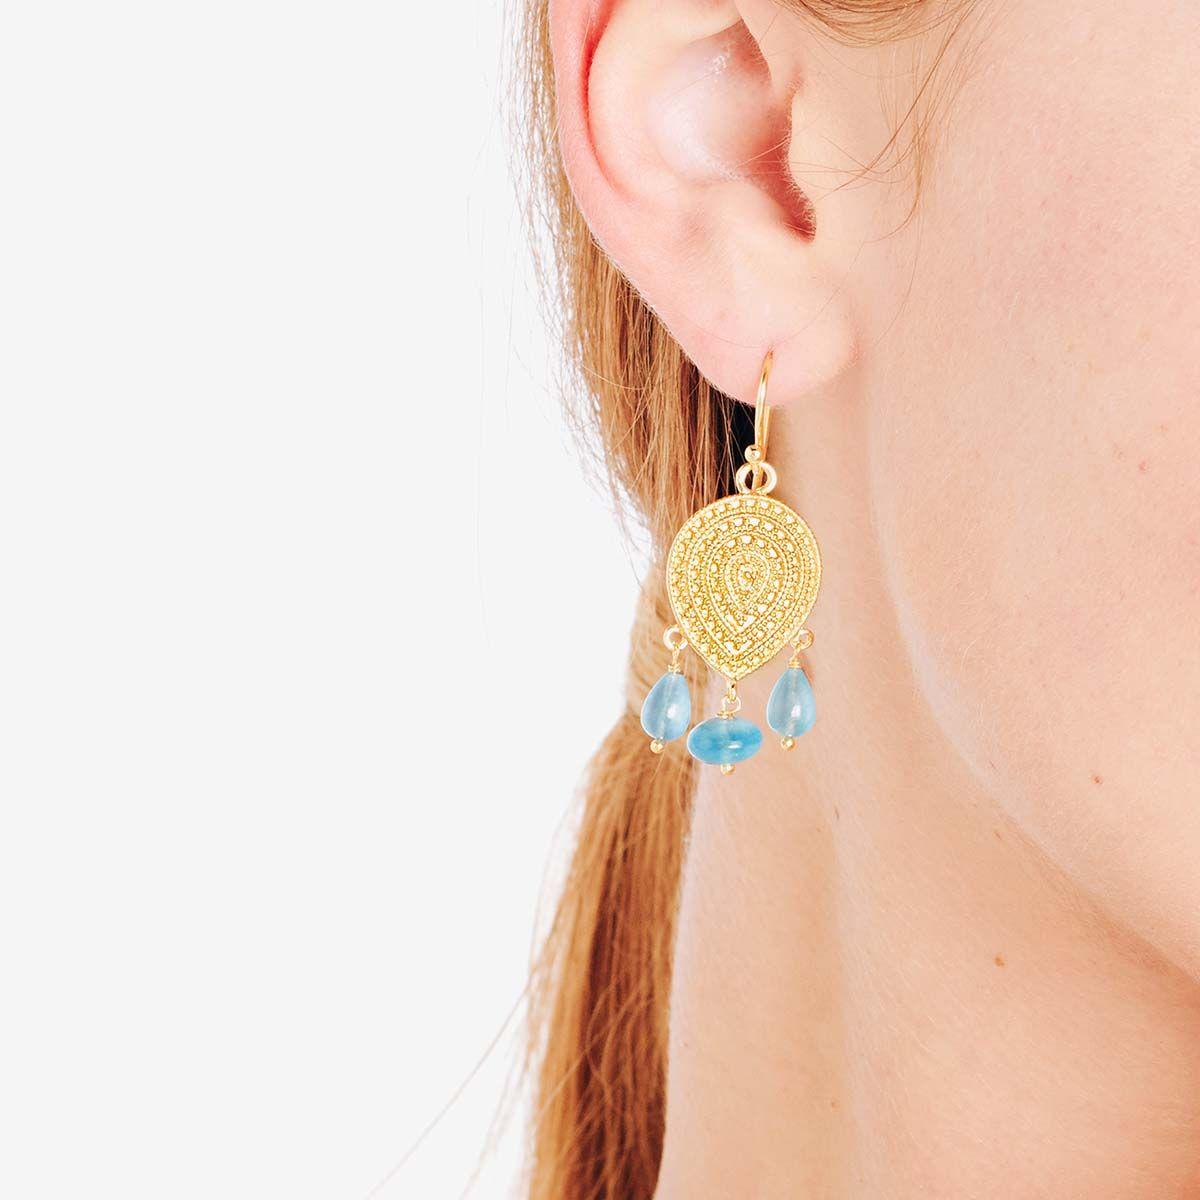 Ohrhänger - 18k vergoldet